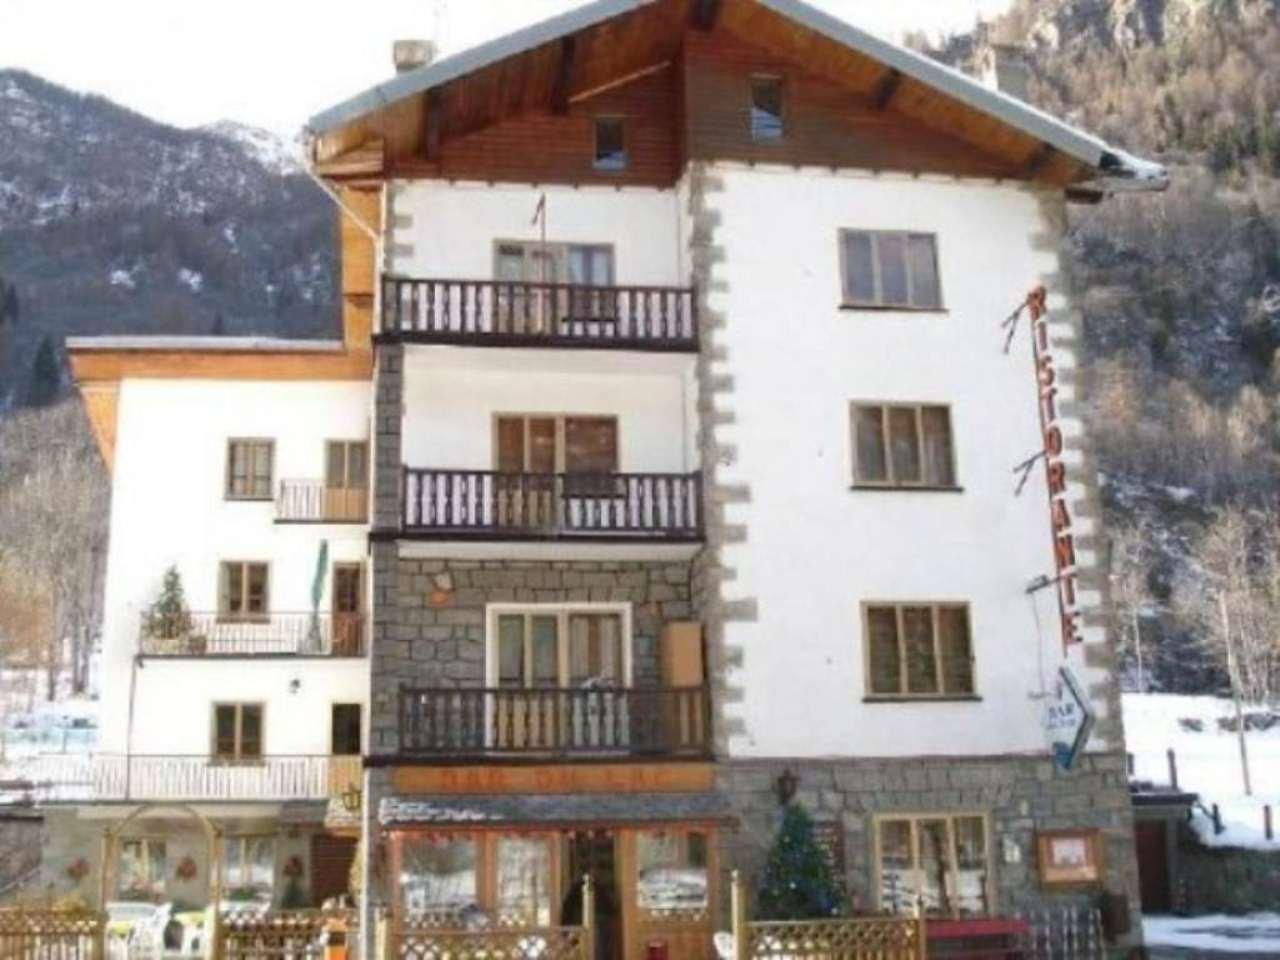 Bilocale Valtournenche Strada Frazione Bjoley 1